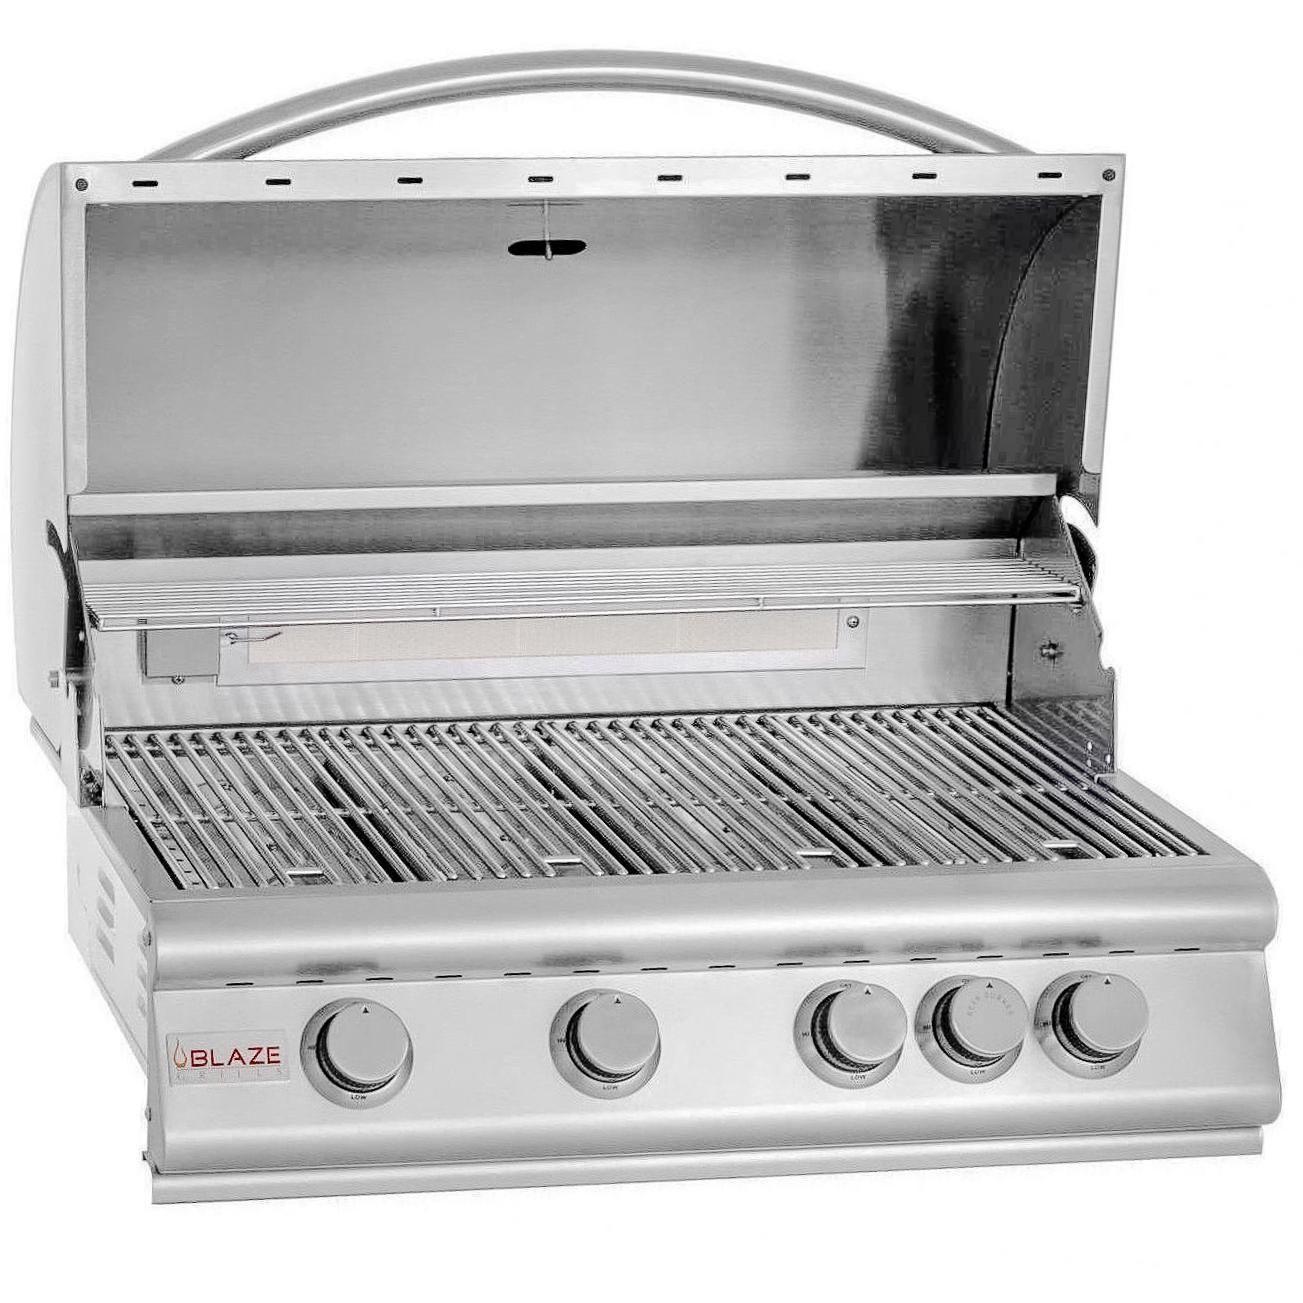 Blaze 7 Piece 32 Inch Propane Outdoor Kitchen Package Outdoor Kitchen Bars Outdoor Kitchen Natural Gas Grill